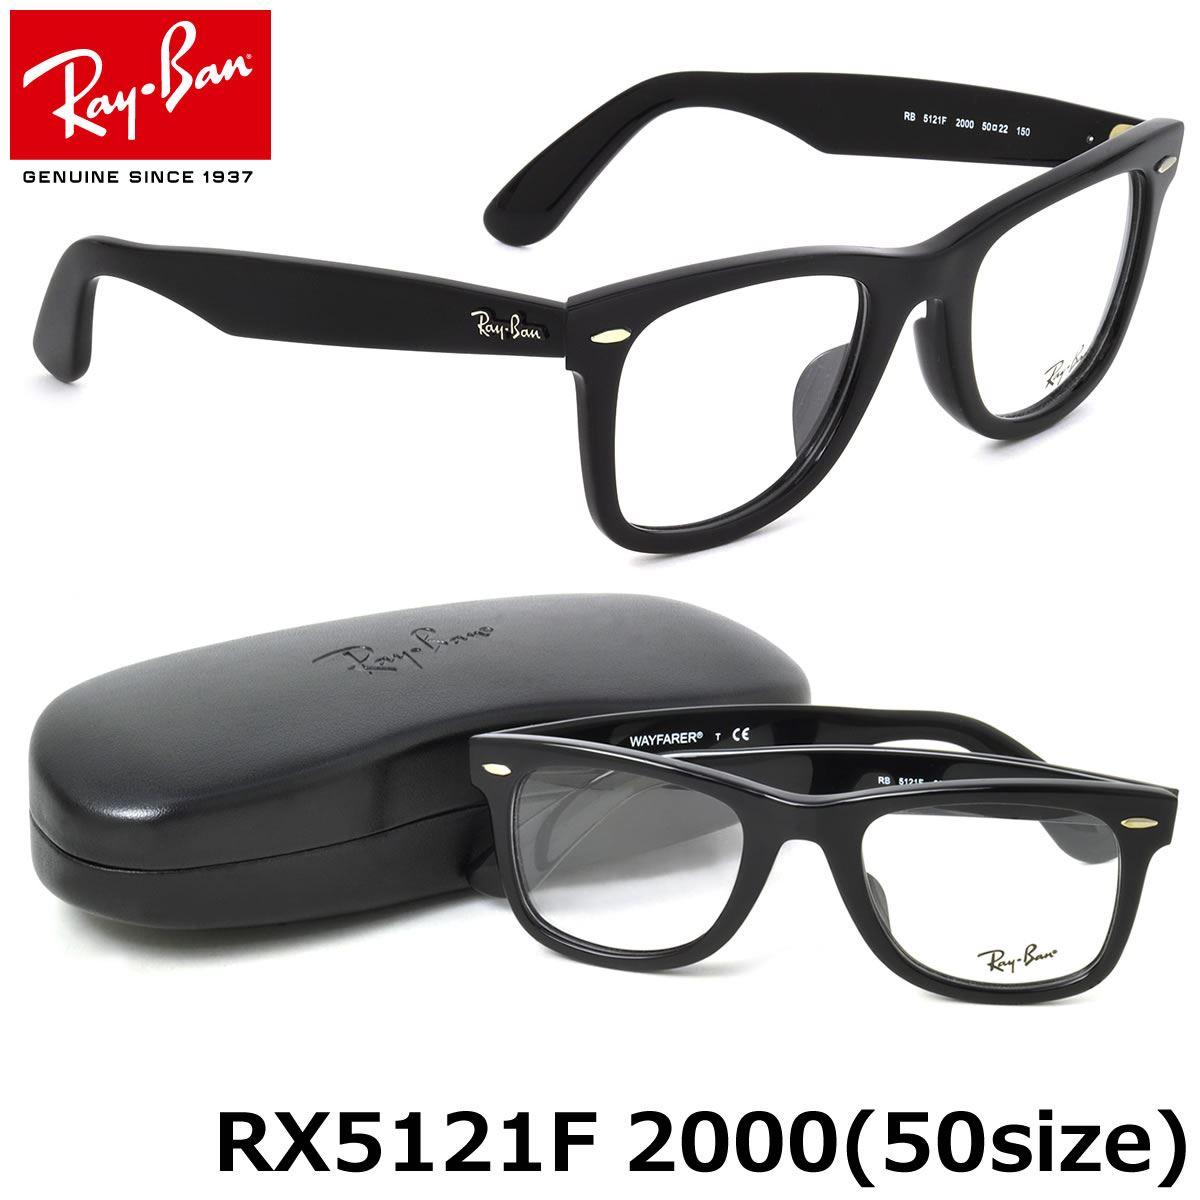 79b4a9a01b00a Lentes De Medida Oftálmico Montura RayBan Wayfarer RX5121 2000 50mm Negro    Juntoz.com